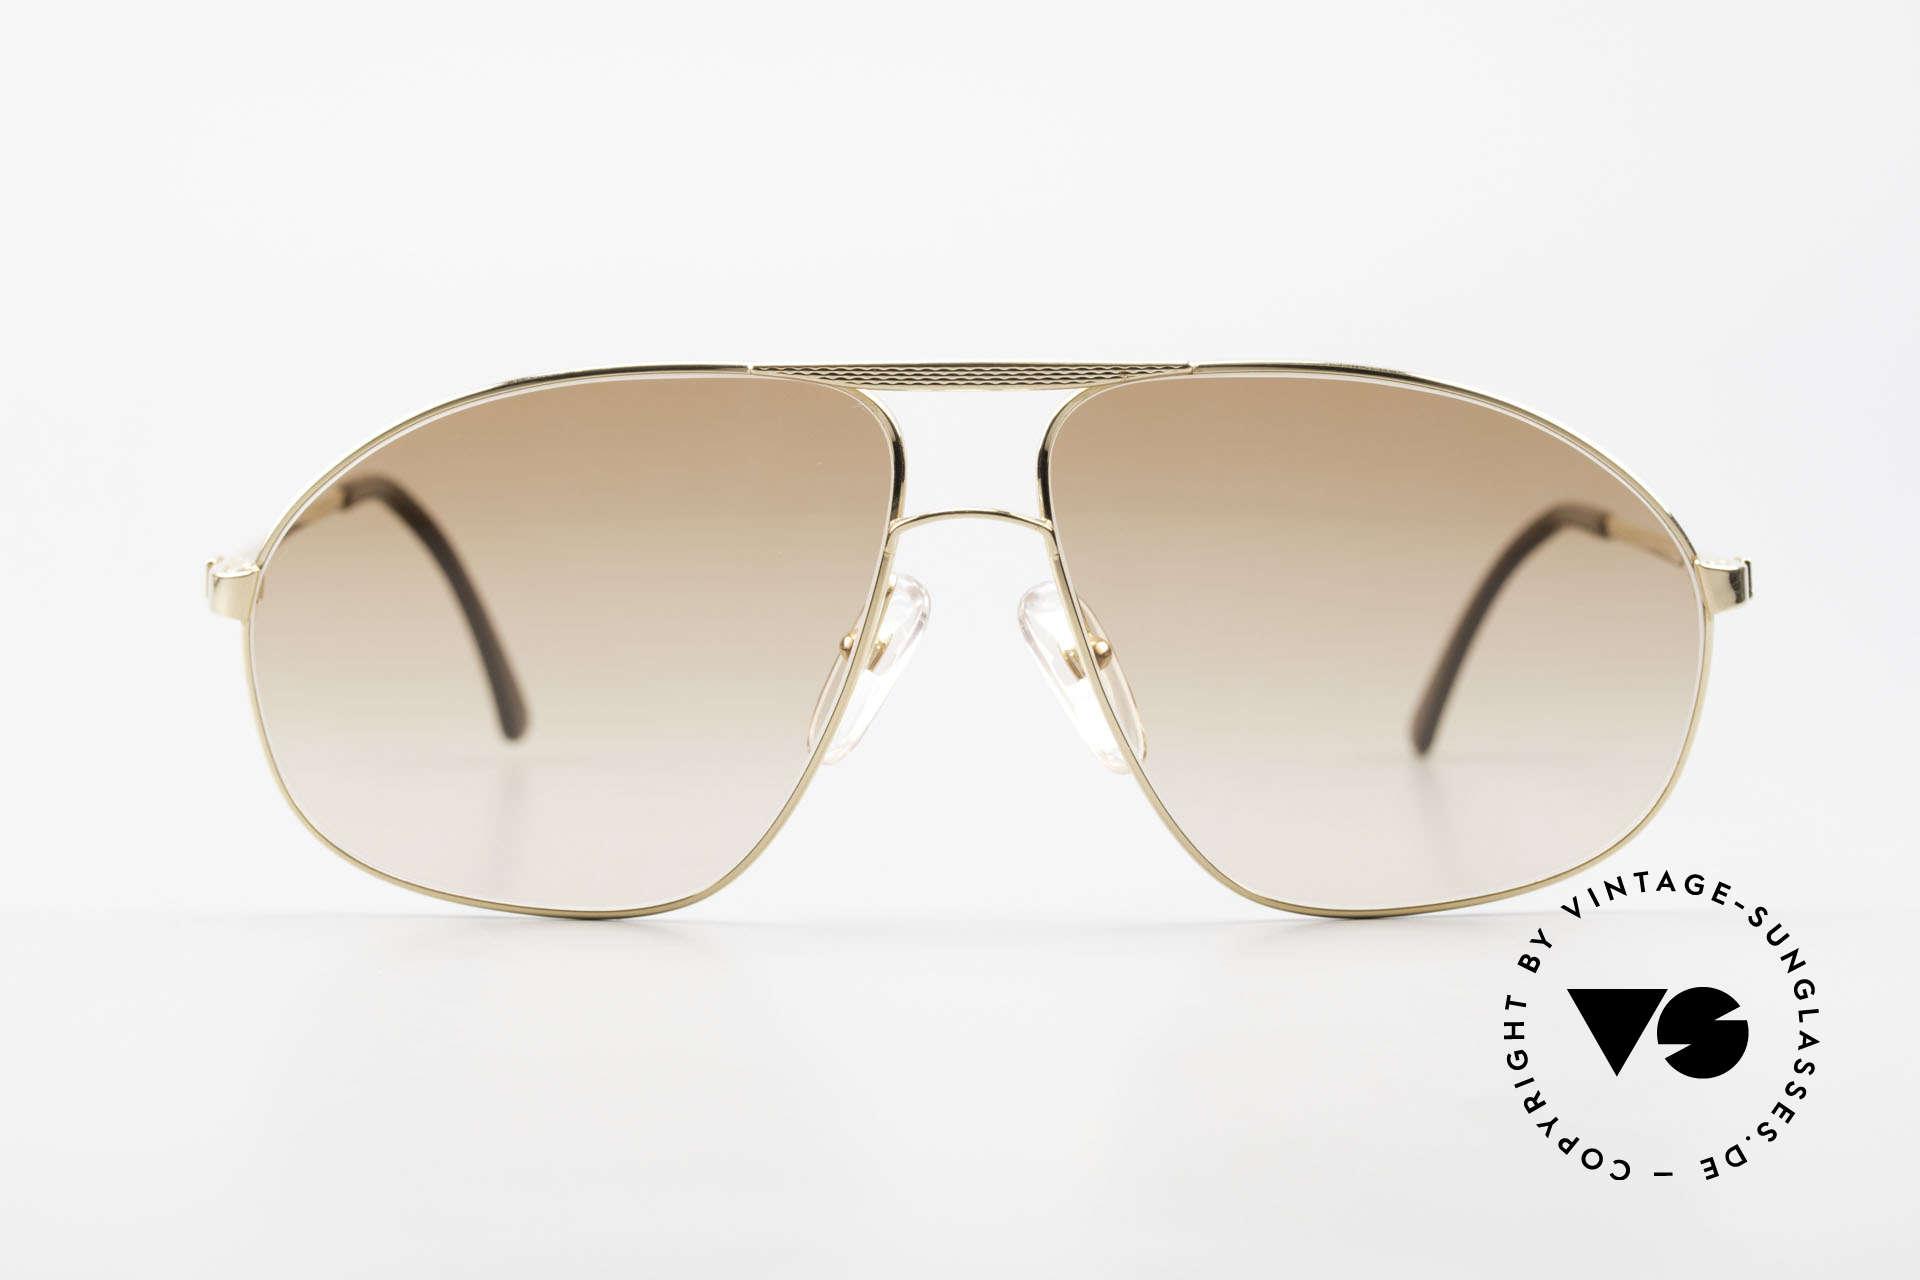 Dunhill 6125 Vergoldete Piloten Brille 90er, die absolute Speerspitze in Sachen Brillen-Qualität, Passend für Herren